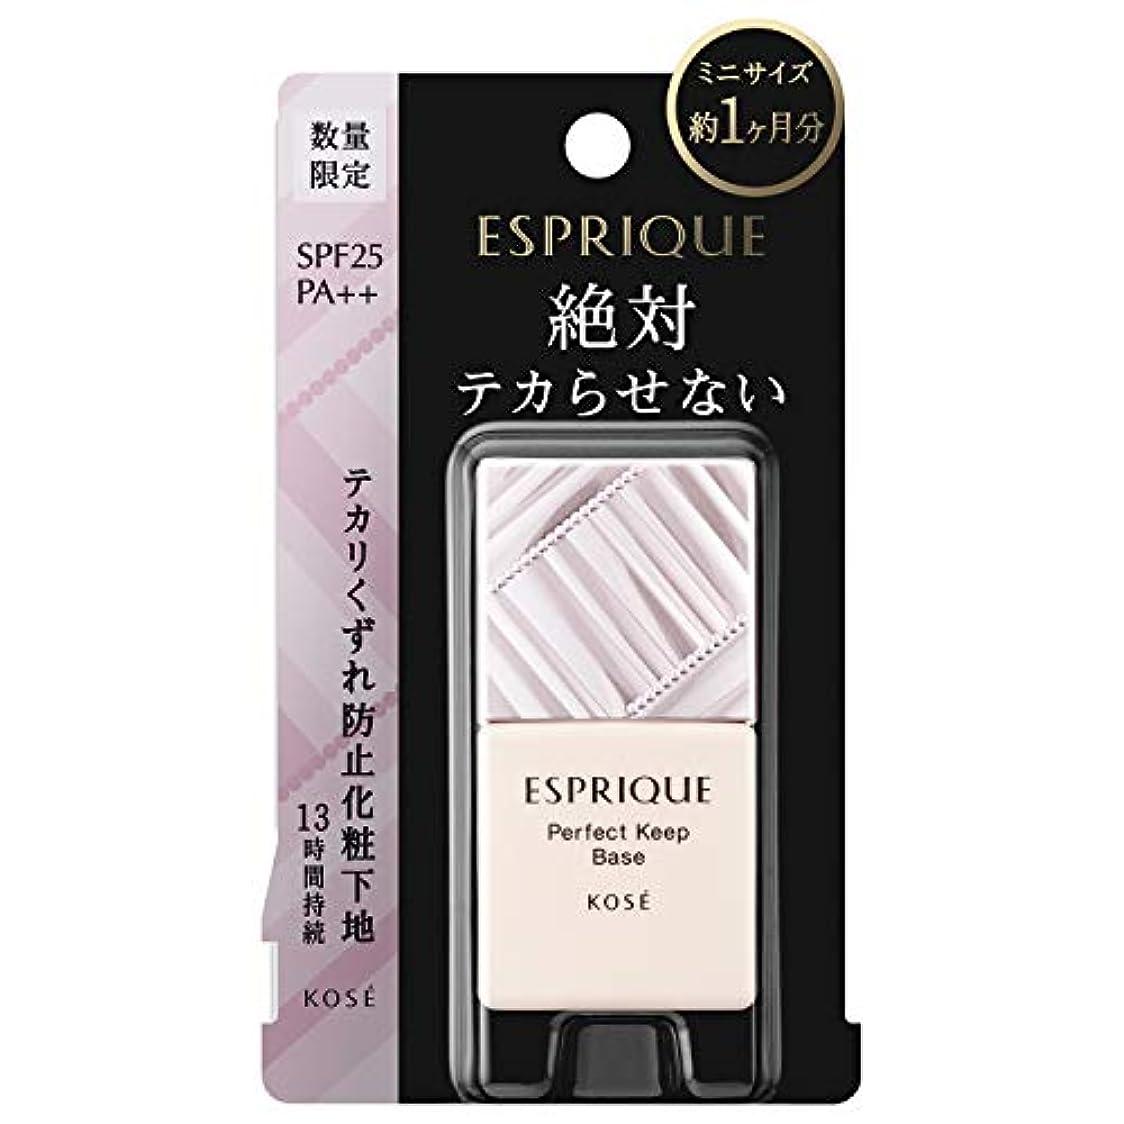 報酬のレイ激怒ESPRIQUE(エスプリーク) エスプリーク パーフェクト キープ ベース 化粧下地 10g